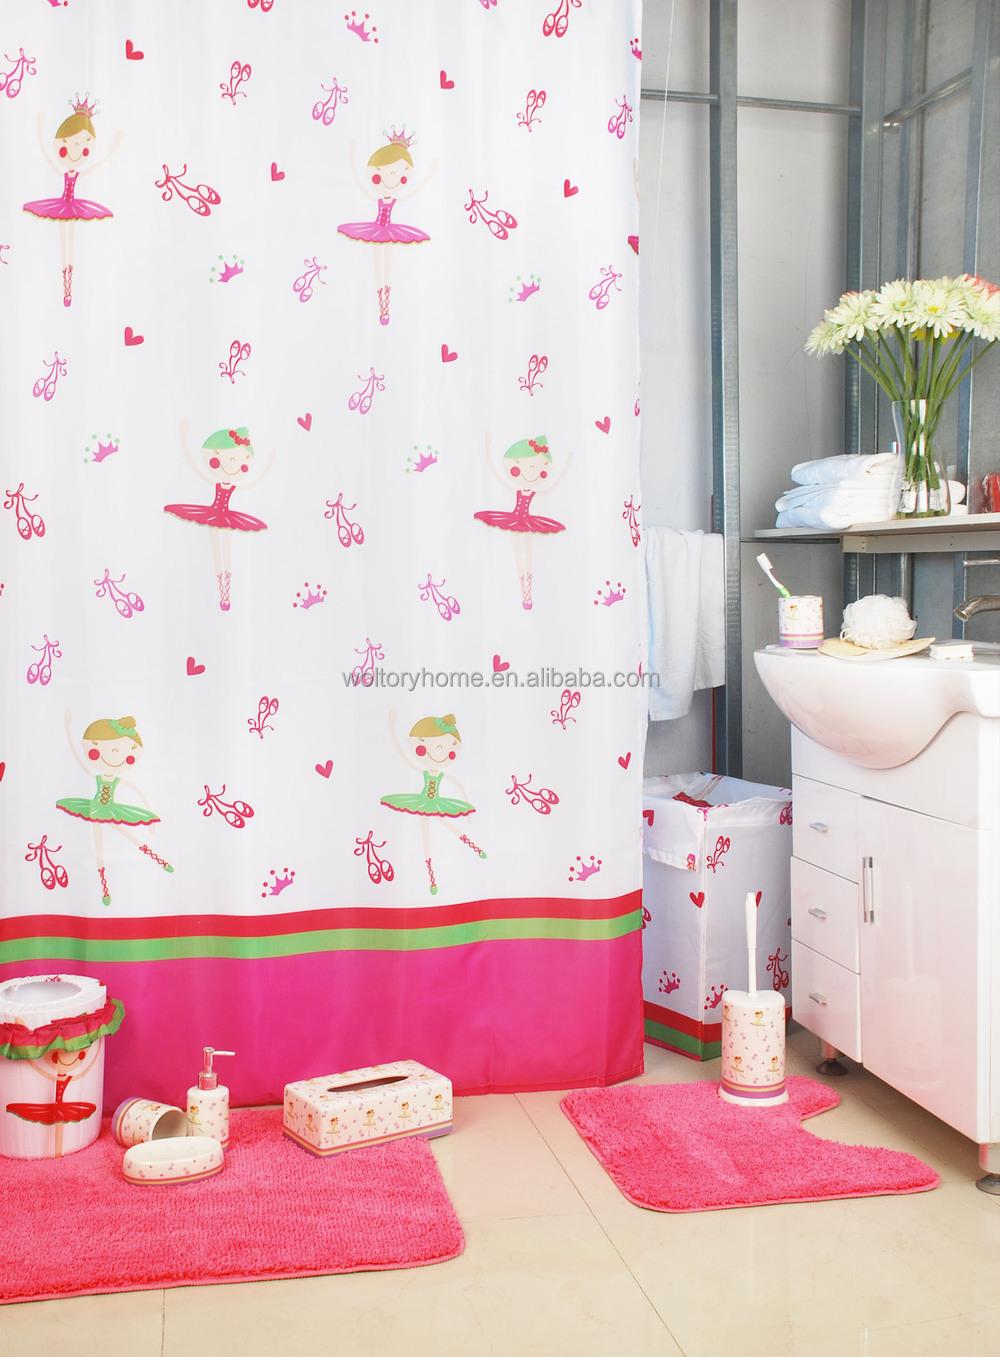 Flower Fairy Bathroom Set/shower Curtain With Bath Rug Sets - Buy ...